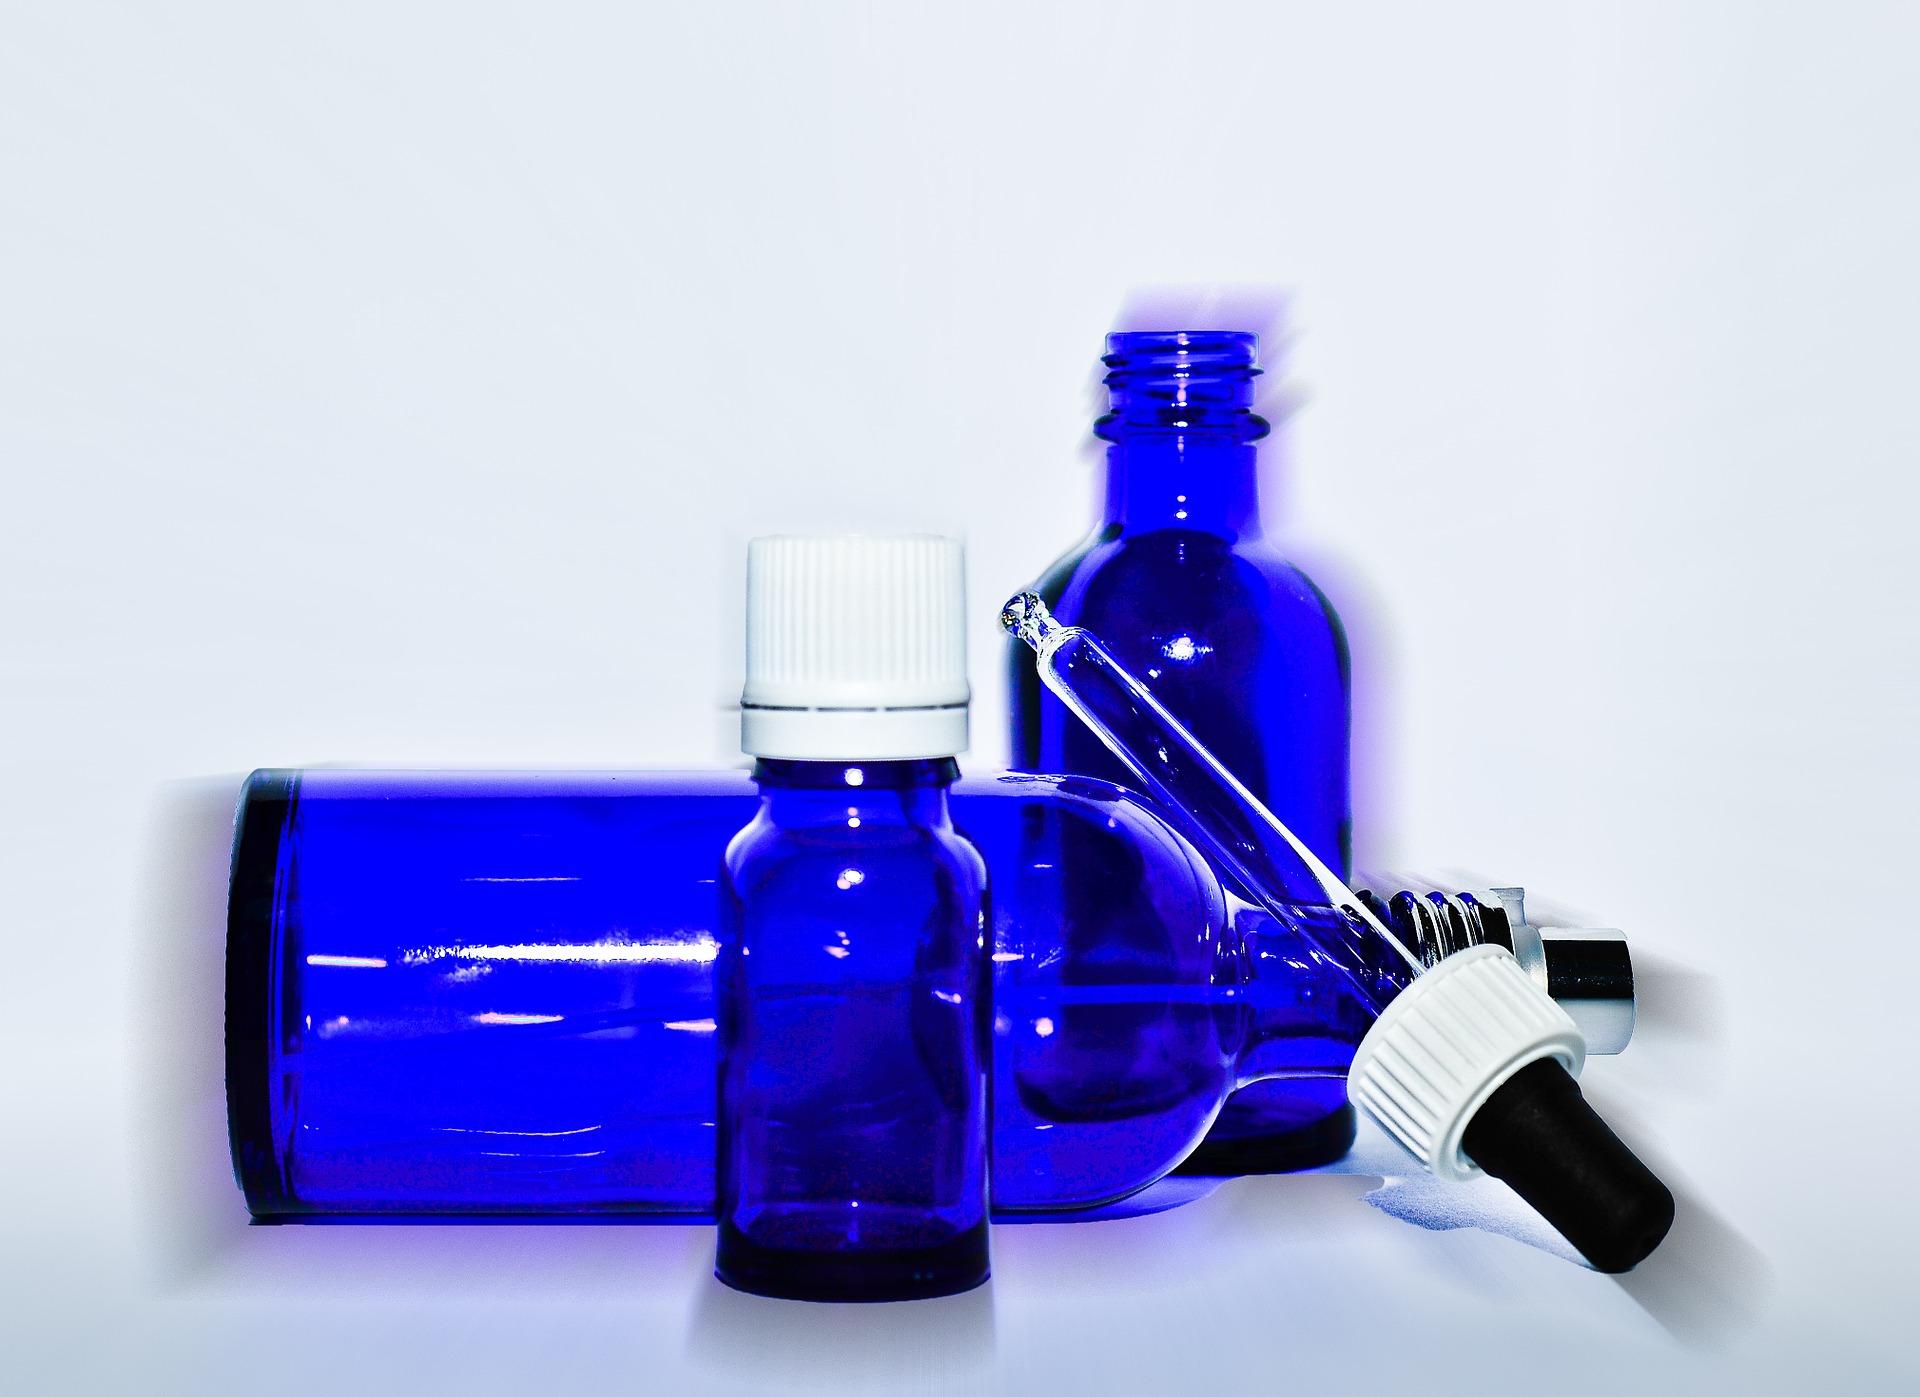 (参考画像)アルコールに適した携帯可能のスプレー瓶にアルコールを入れ、全従業員が常備し外出先でも除菌に努めます。